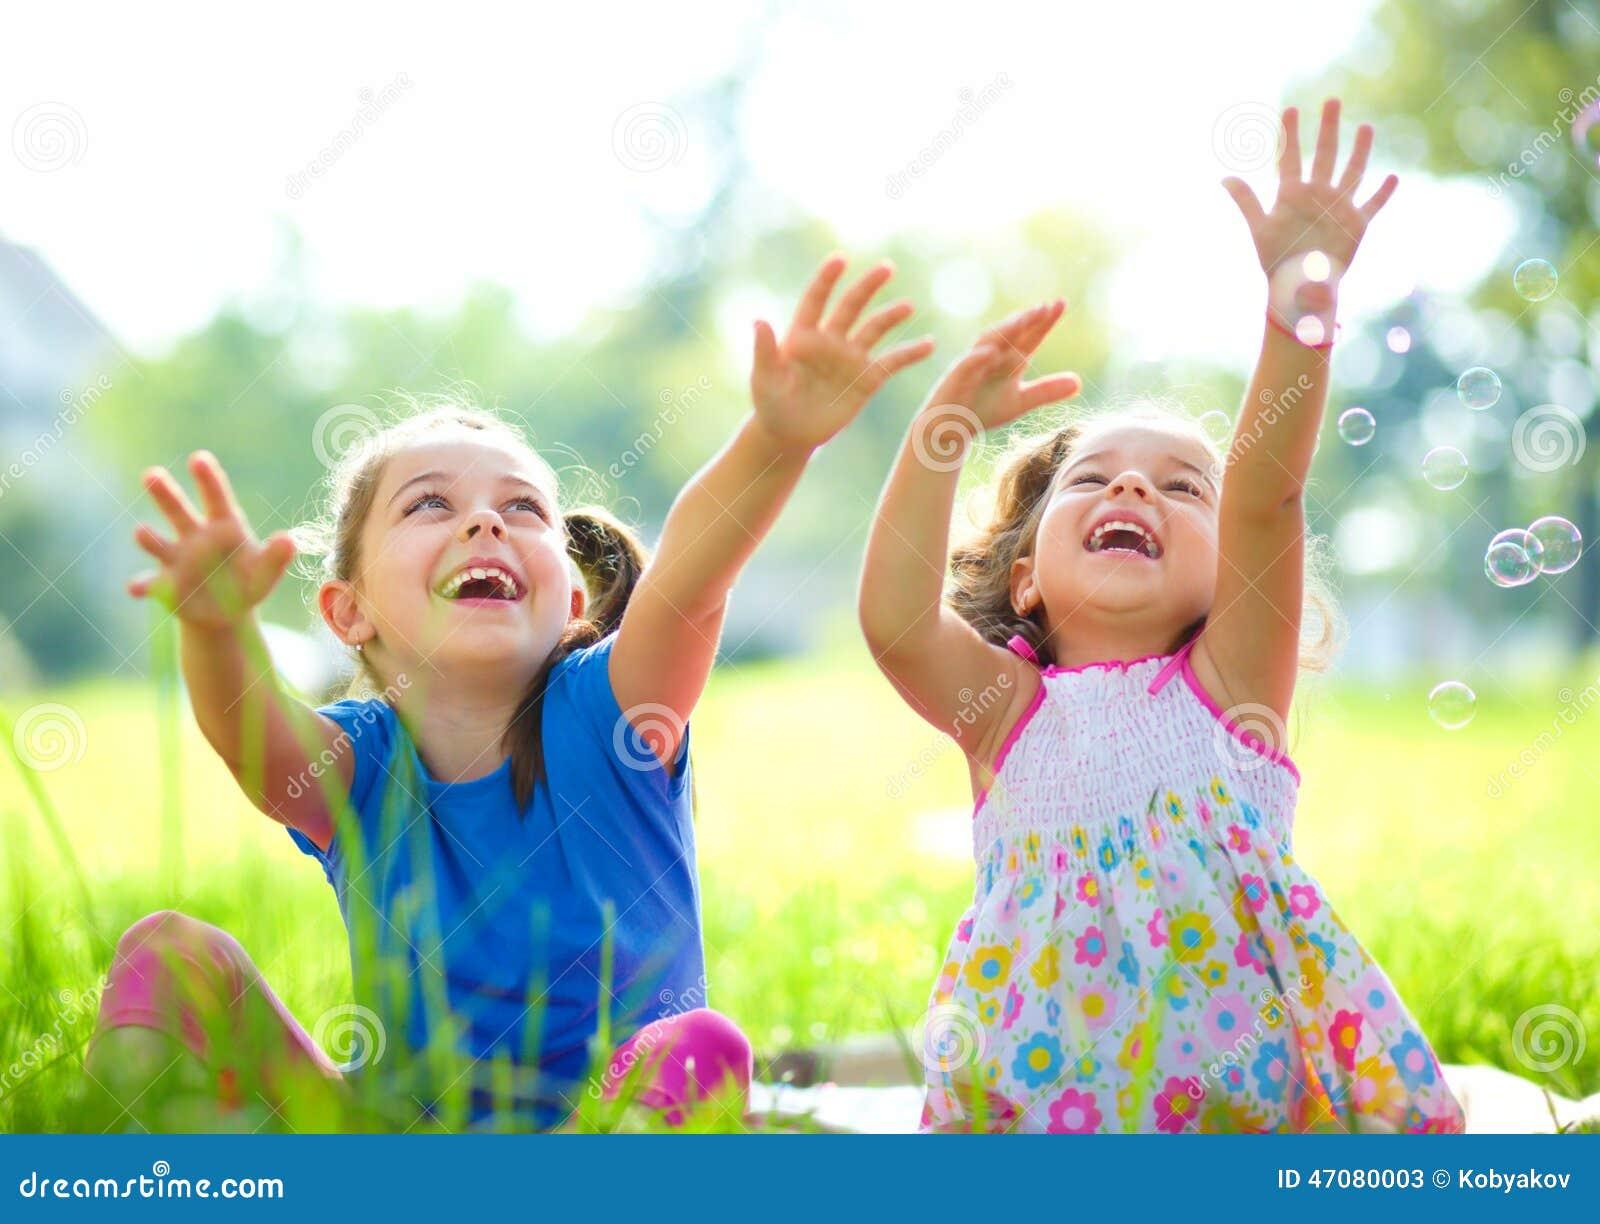 Deux petites filles attrapent des bulles de savon